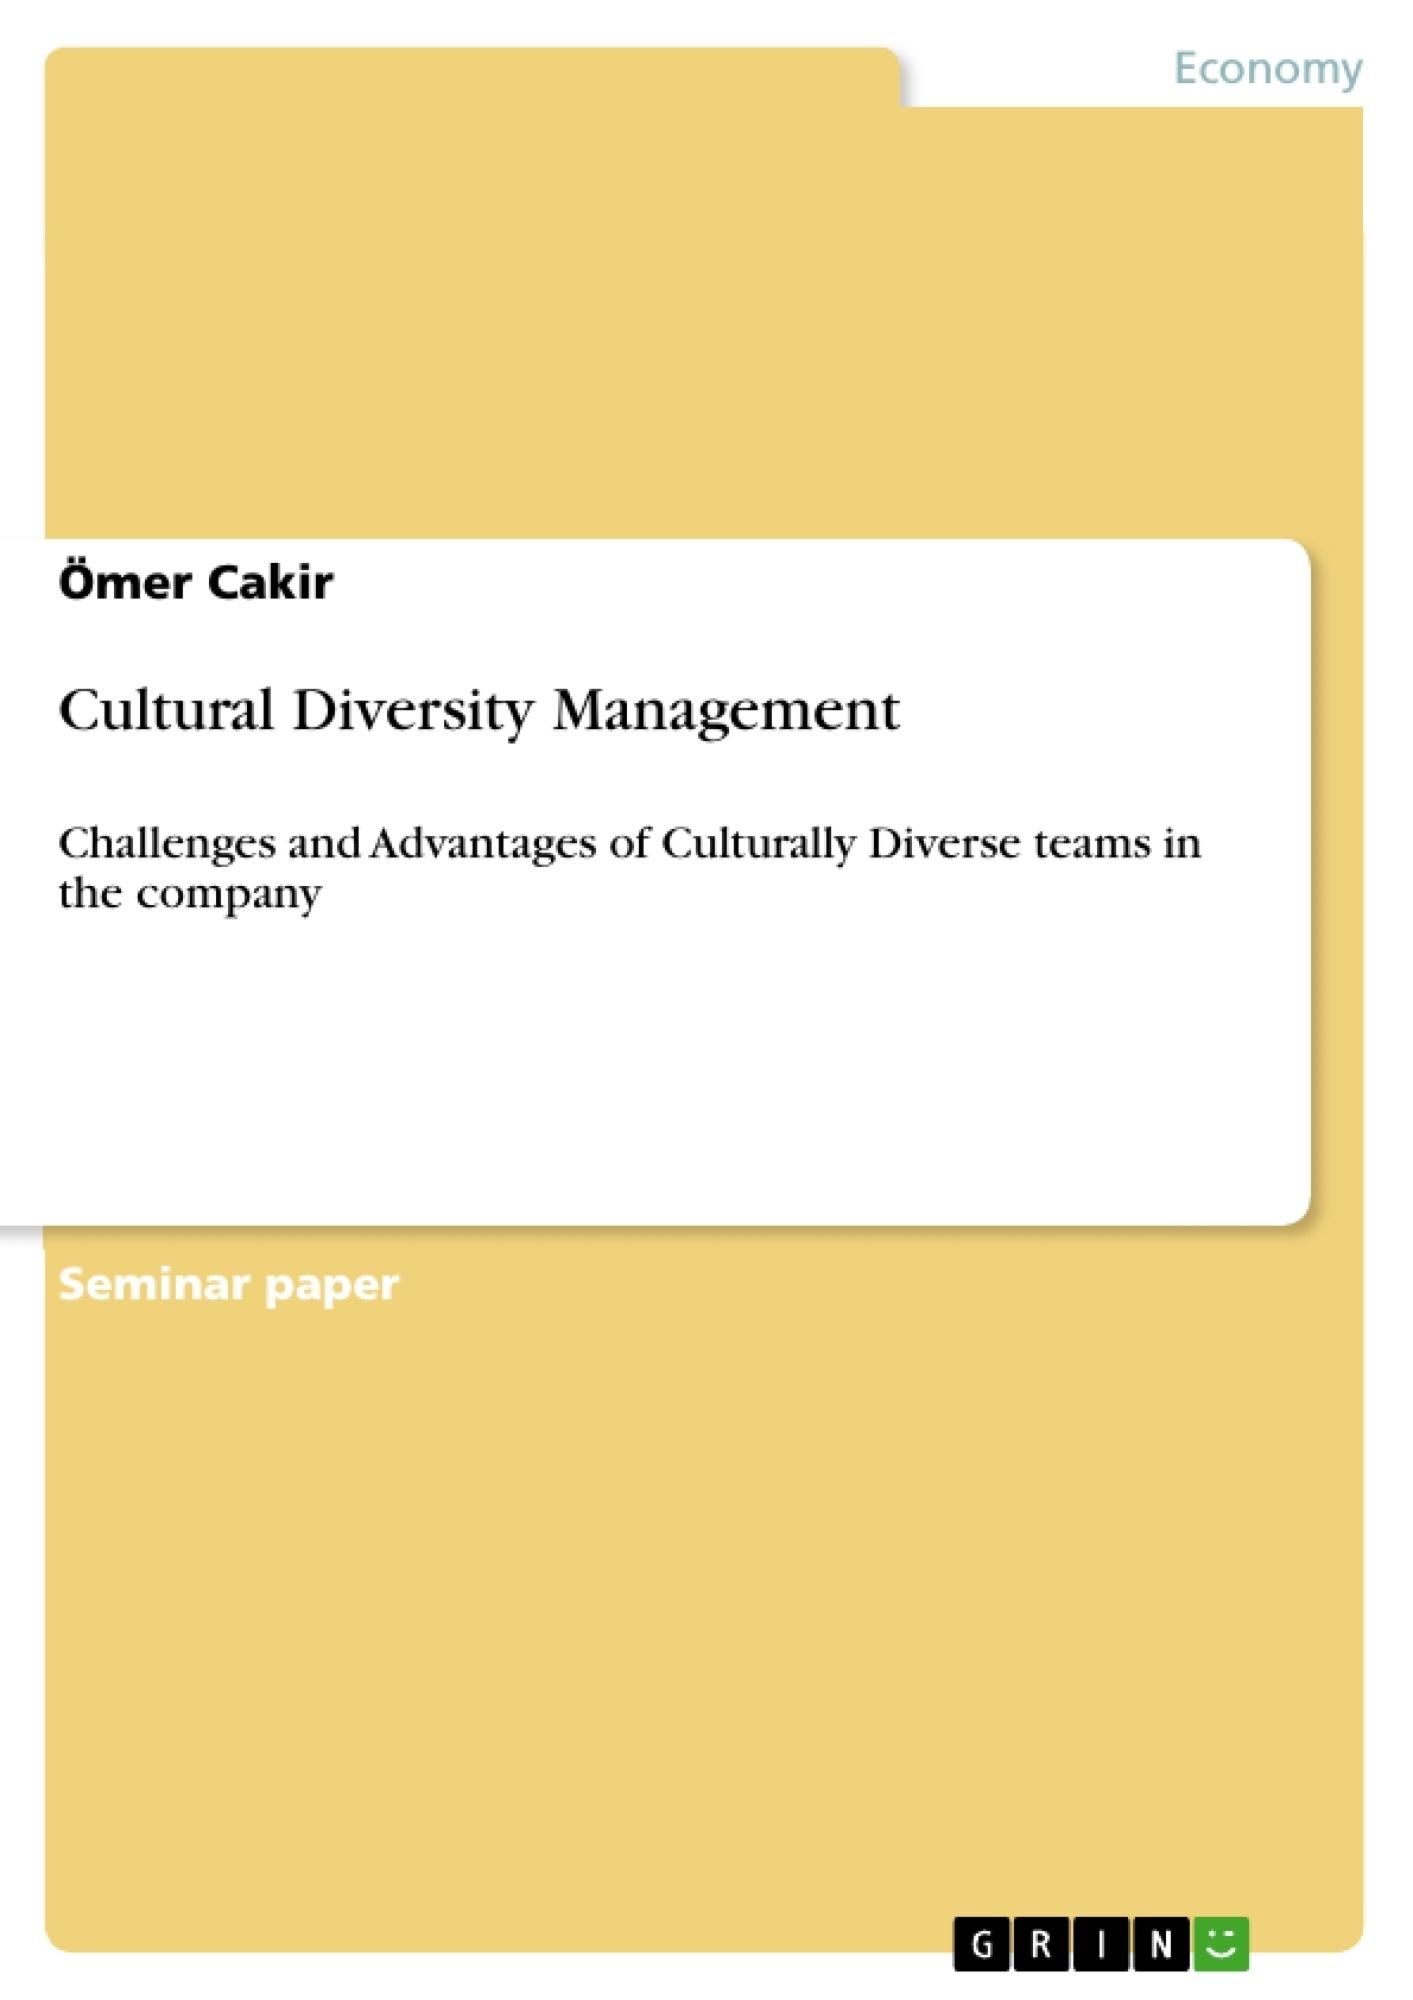 Title: Cultural Diversity Management